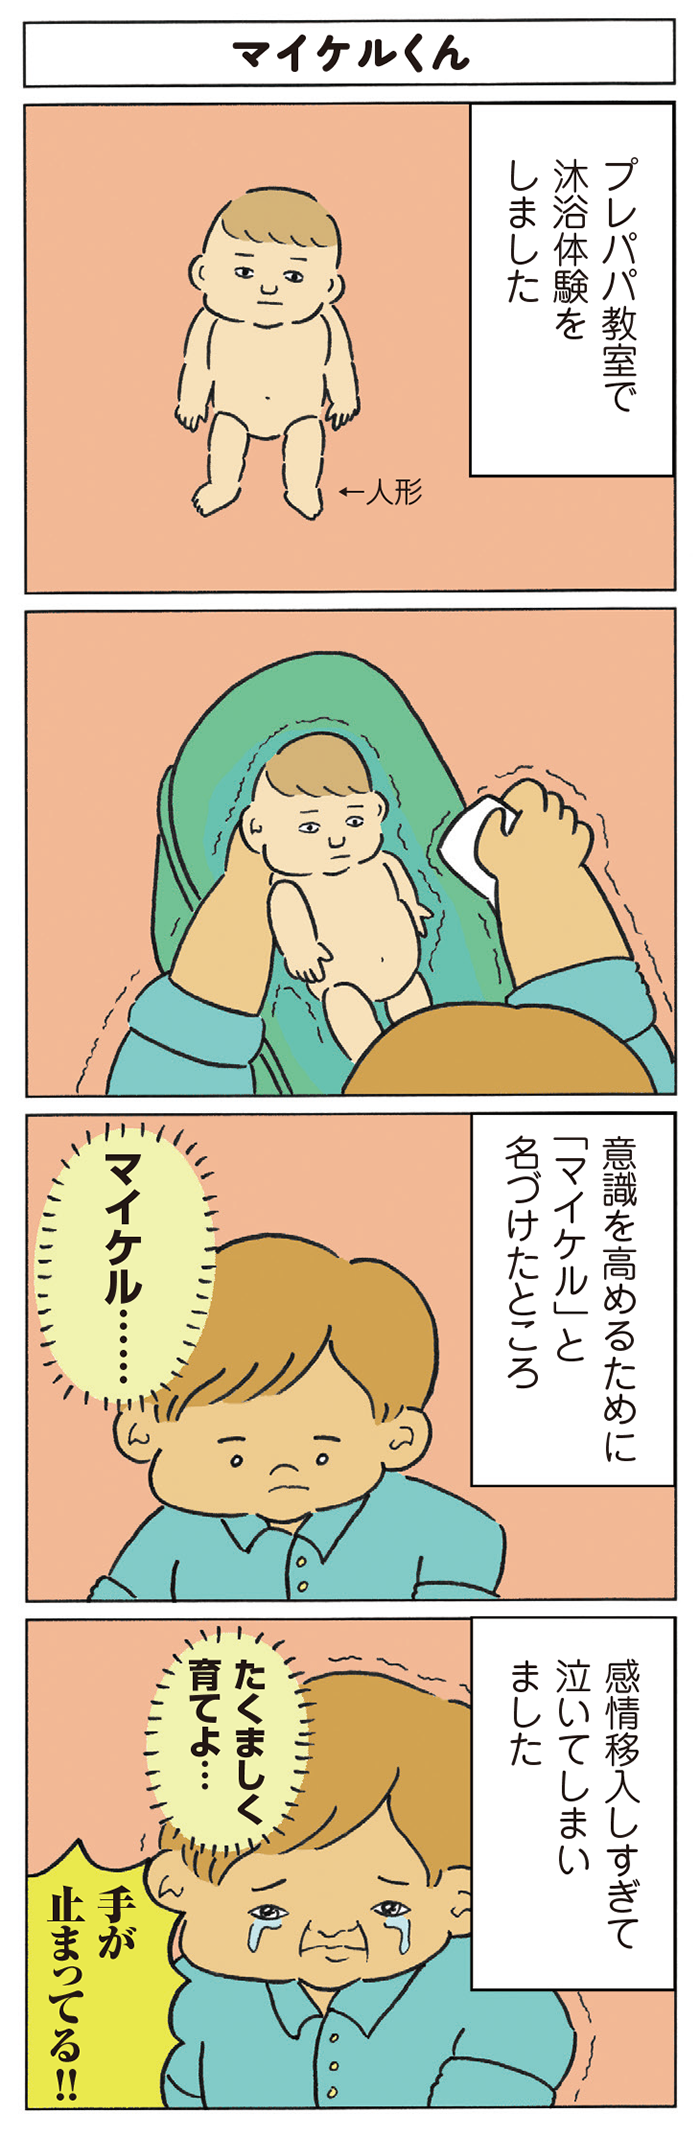 """「そっと置いたのに…!」大人気パパ漫画家さんの描く、""""うちの場合""""に爆笑の嵐!の画像8"""